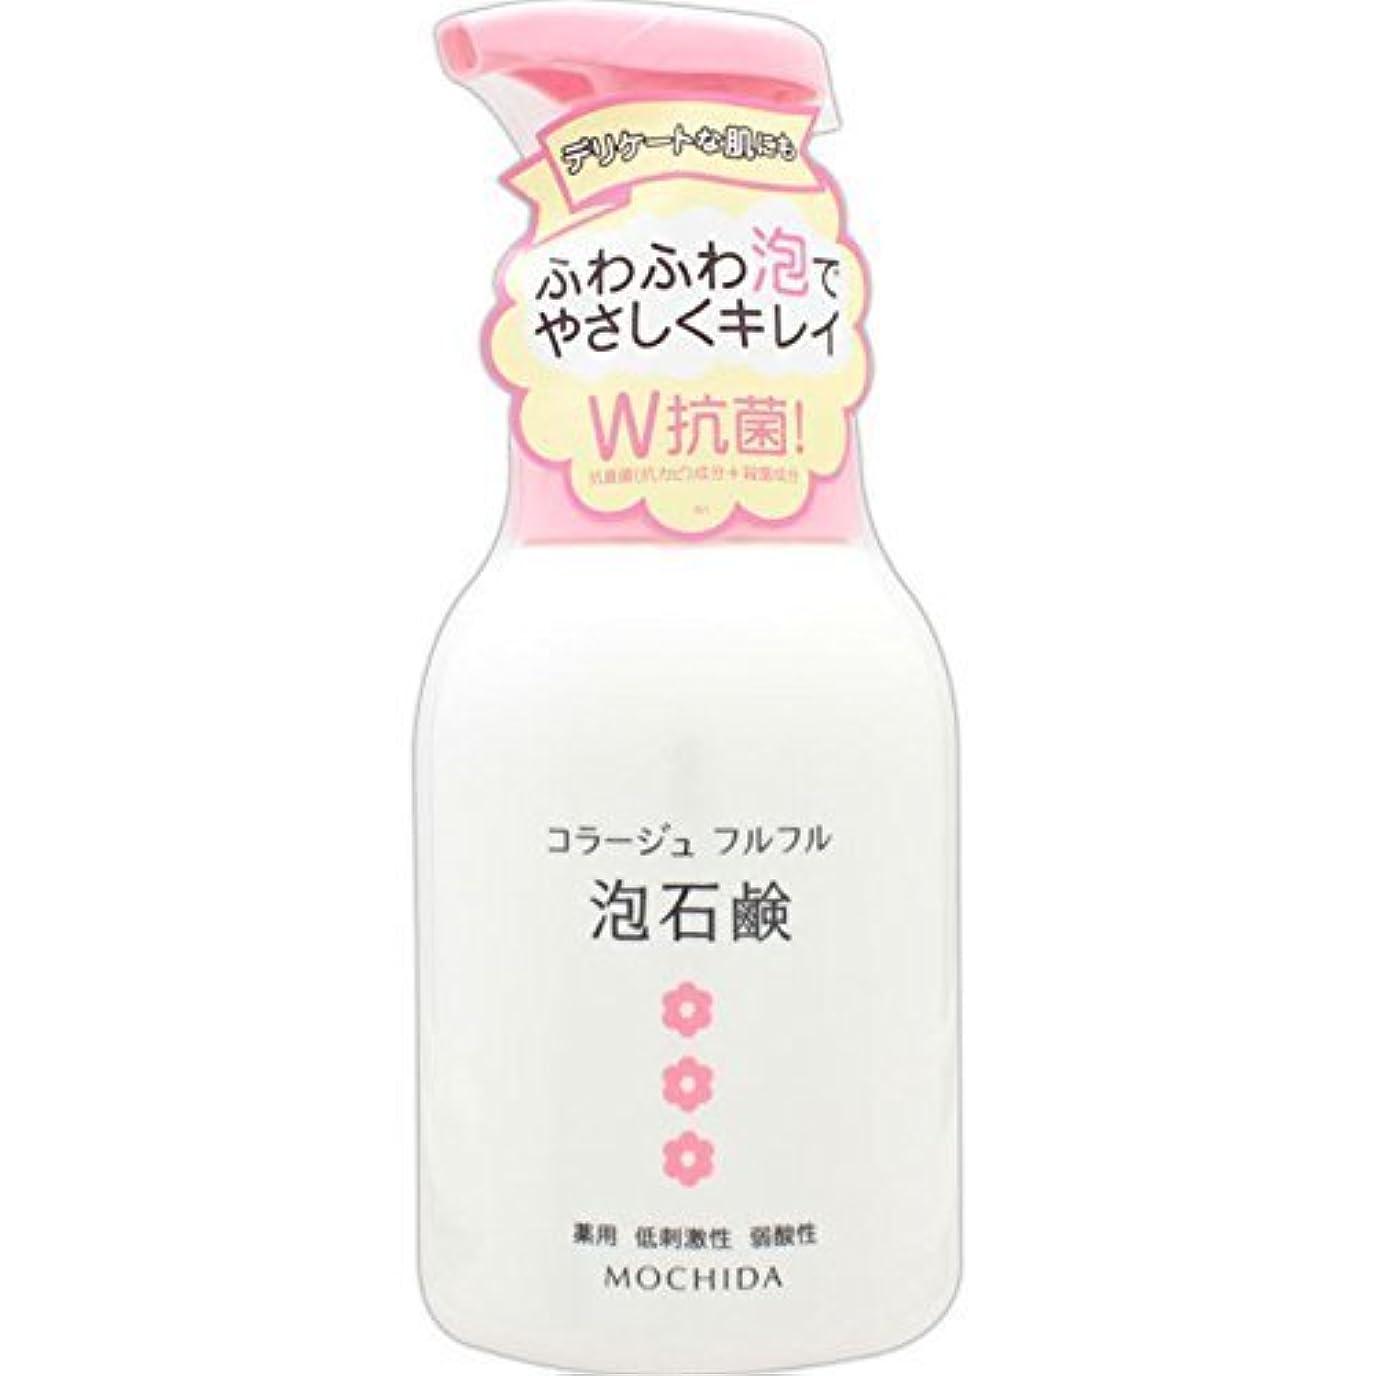 同行ハードウェアクルーズコラージュフルフル 泡石鹸 ピンク 300m L (医薬部外品) ×4